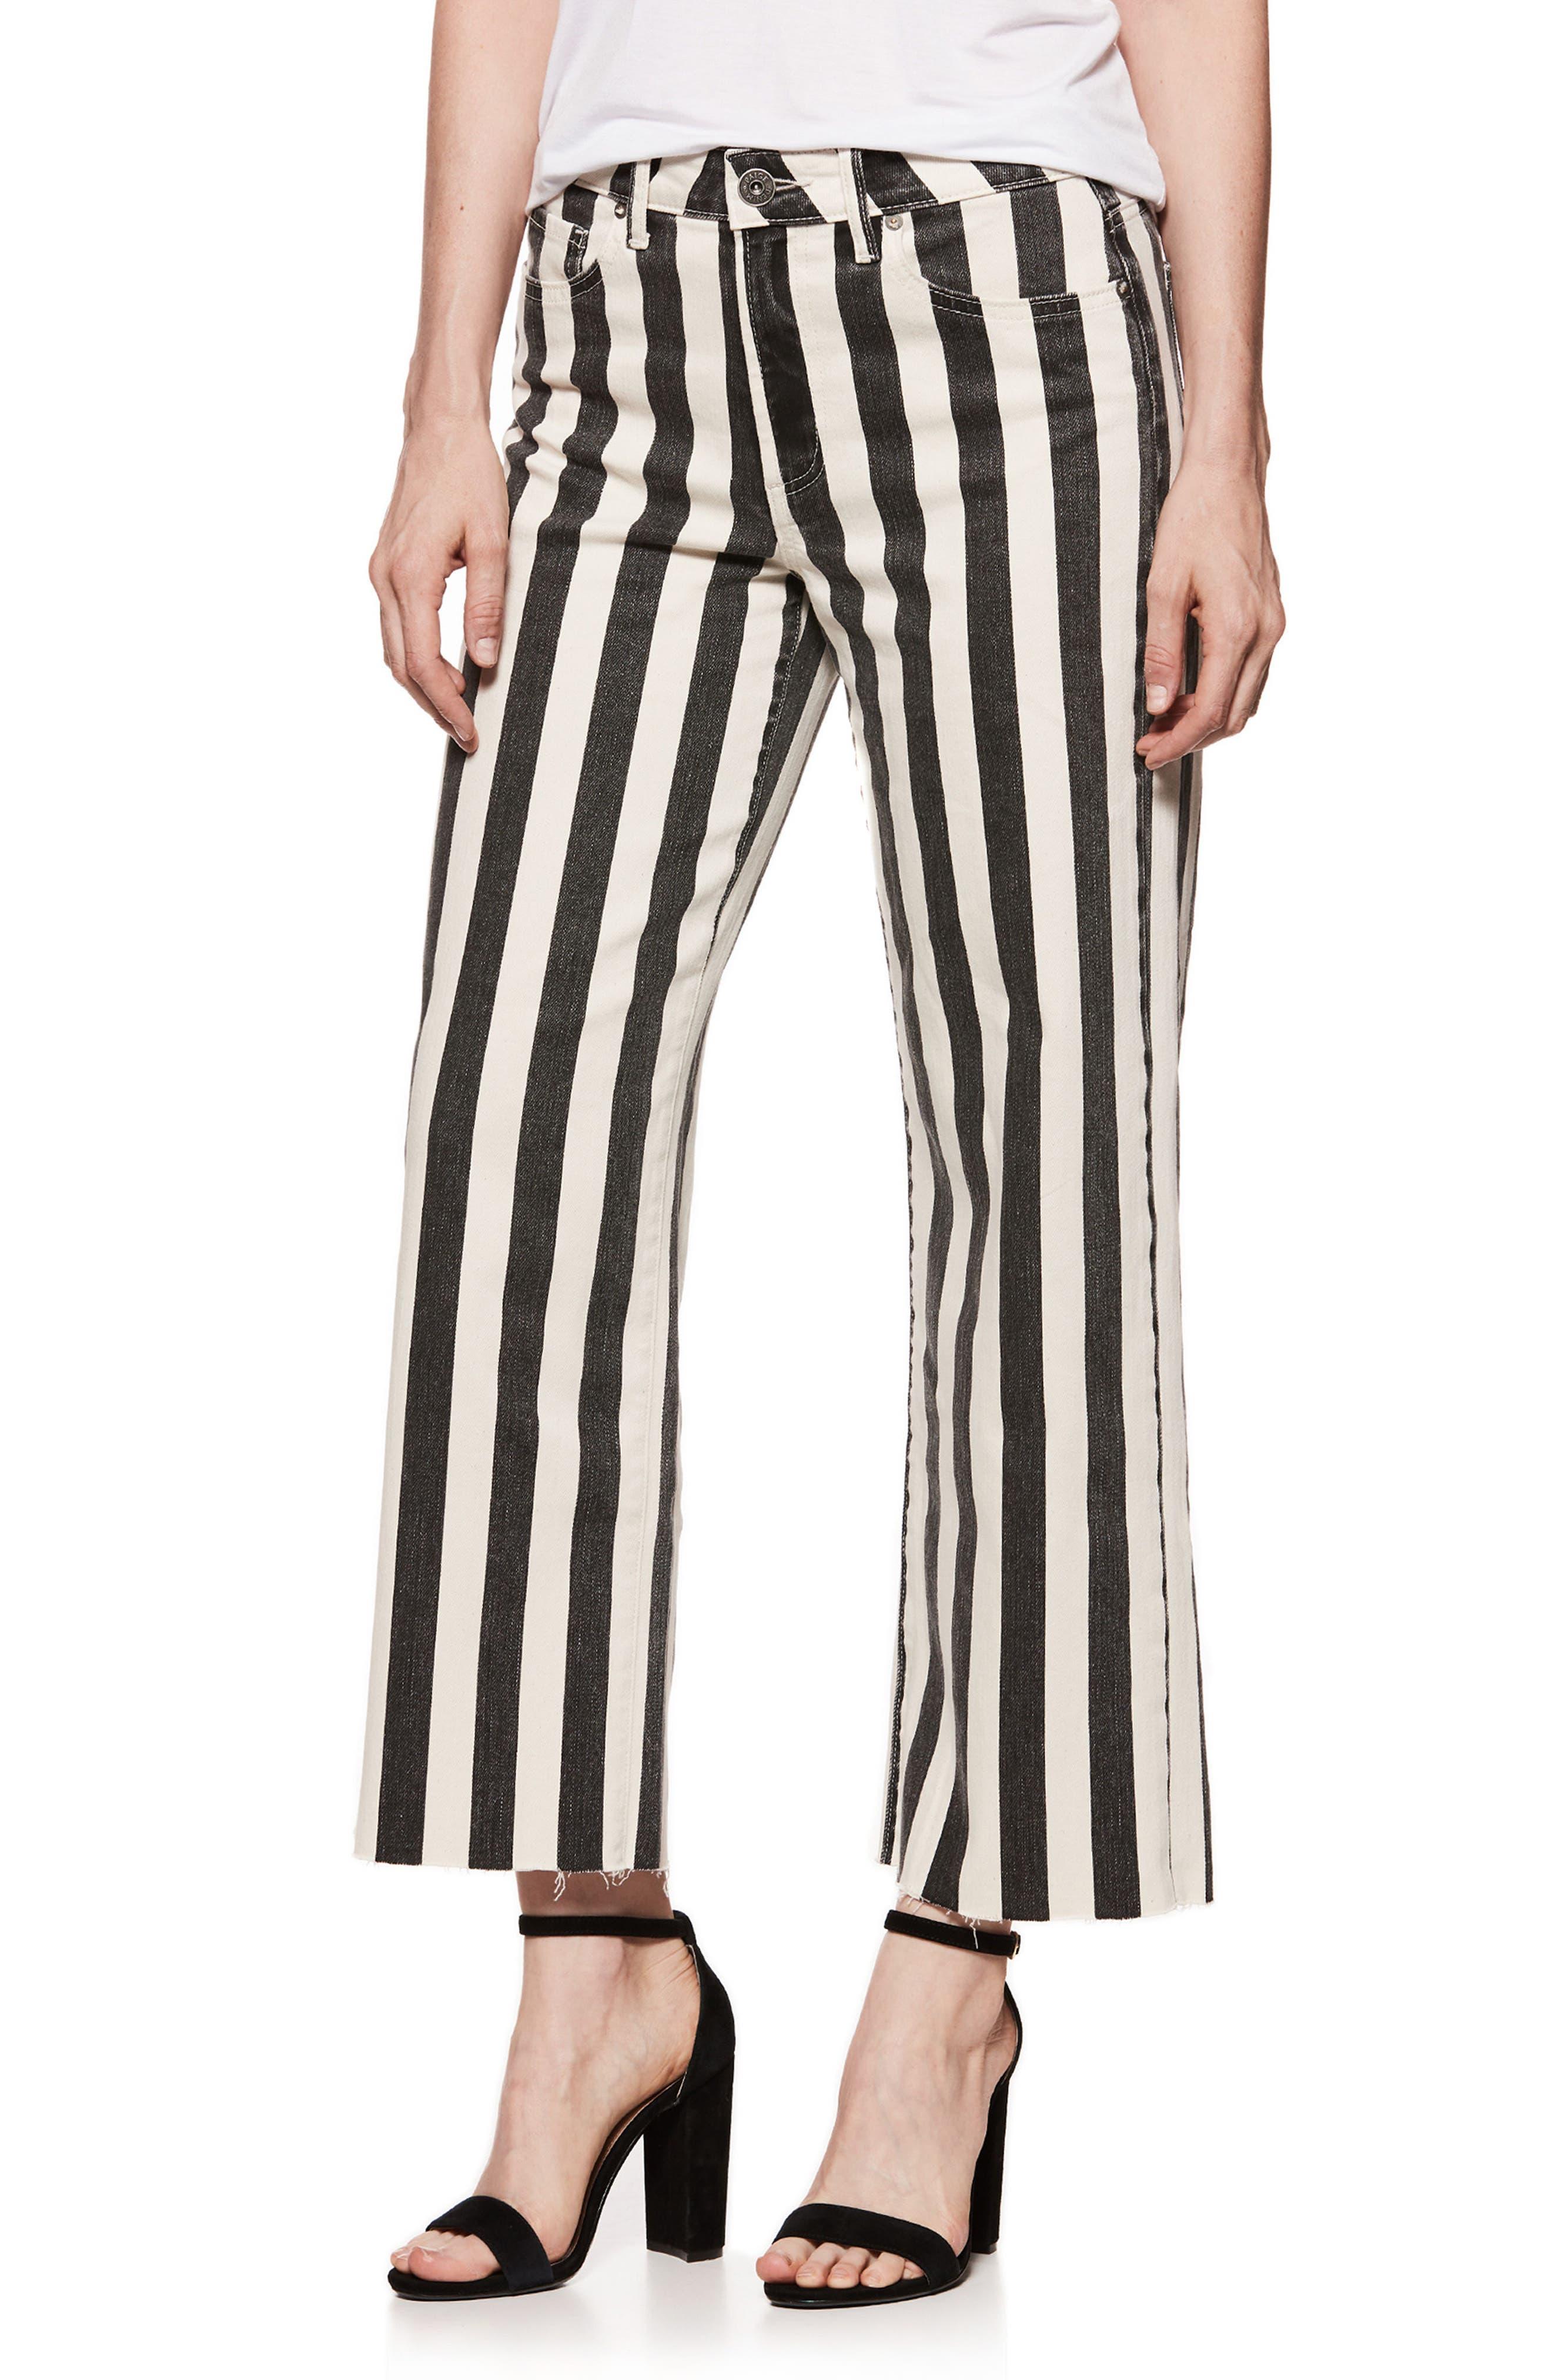 Nellie High Waist Culotte Jeans,                             Main thumbnail 1, color,                             Black/ Ecru Stripe